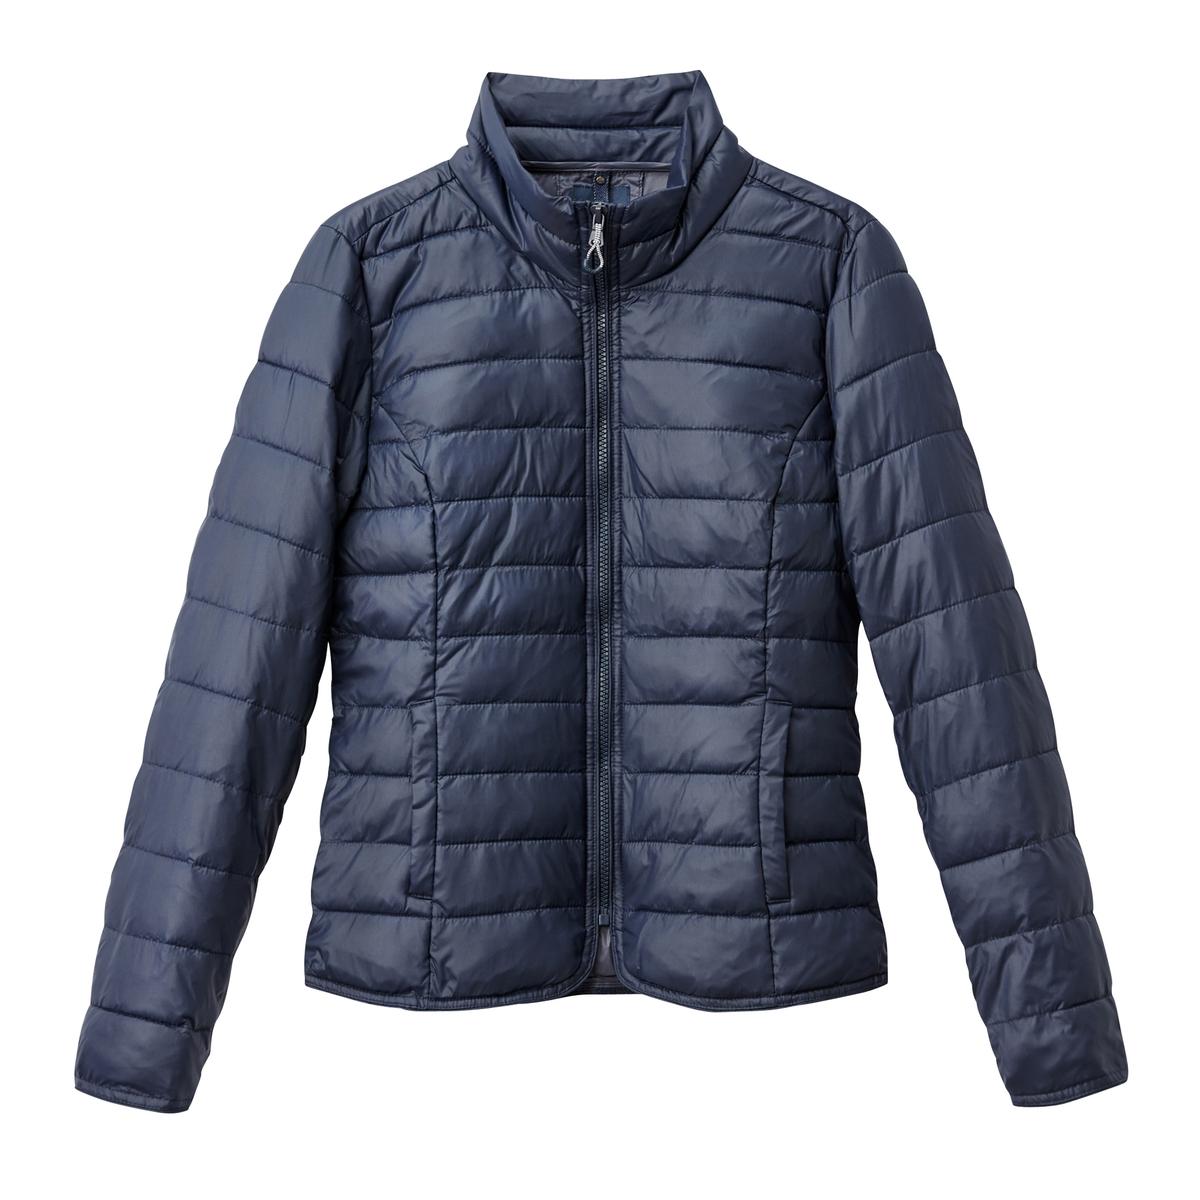 Куртка стеганаяСтильная короткая стеганая куртка  ONLY. Эта стеганая куртка идеальна для межсезонья . Высокий воротник. 2 кармана.Детали •  Длина : укороченная   •  Воротник-стойка •  Застежка на молниюСостав и уход •  100% полиамид  •  Следуйте рекомендациям по уходу, указанным на этикетке изделия<br><br>Цвет: черный